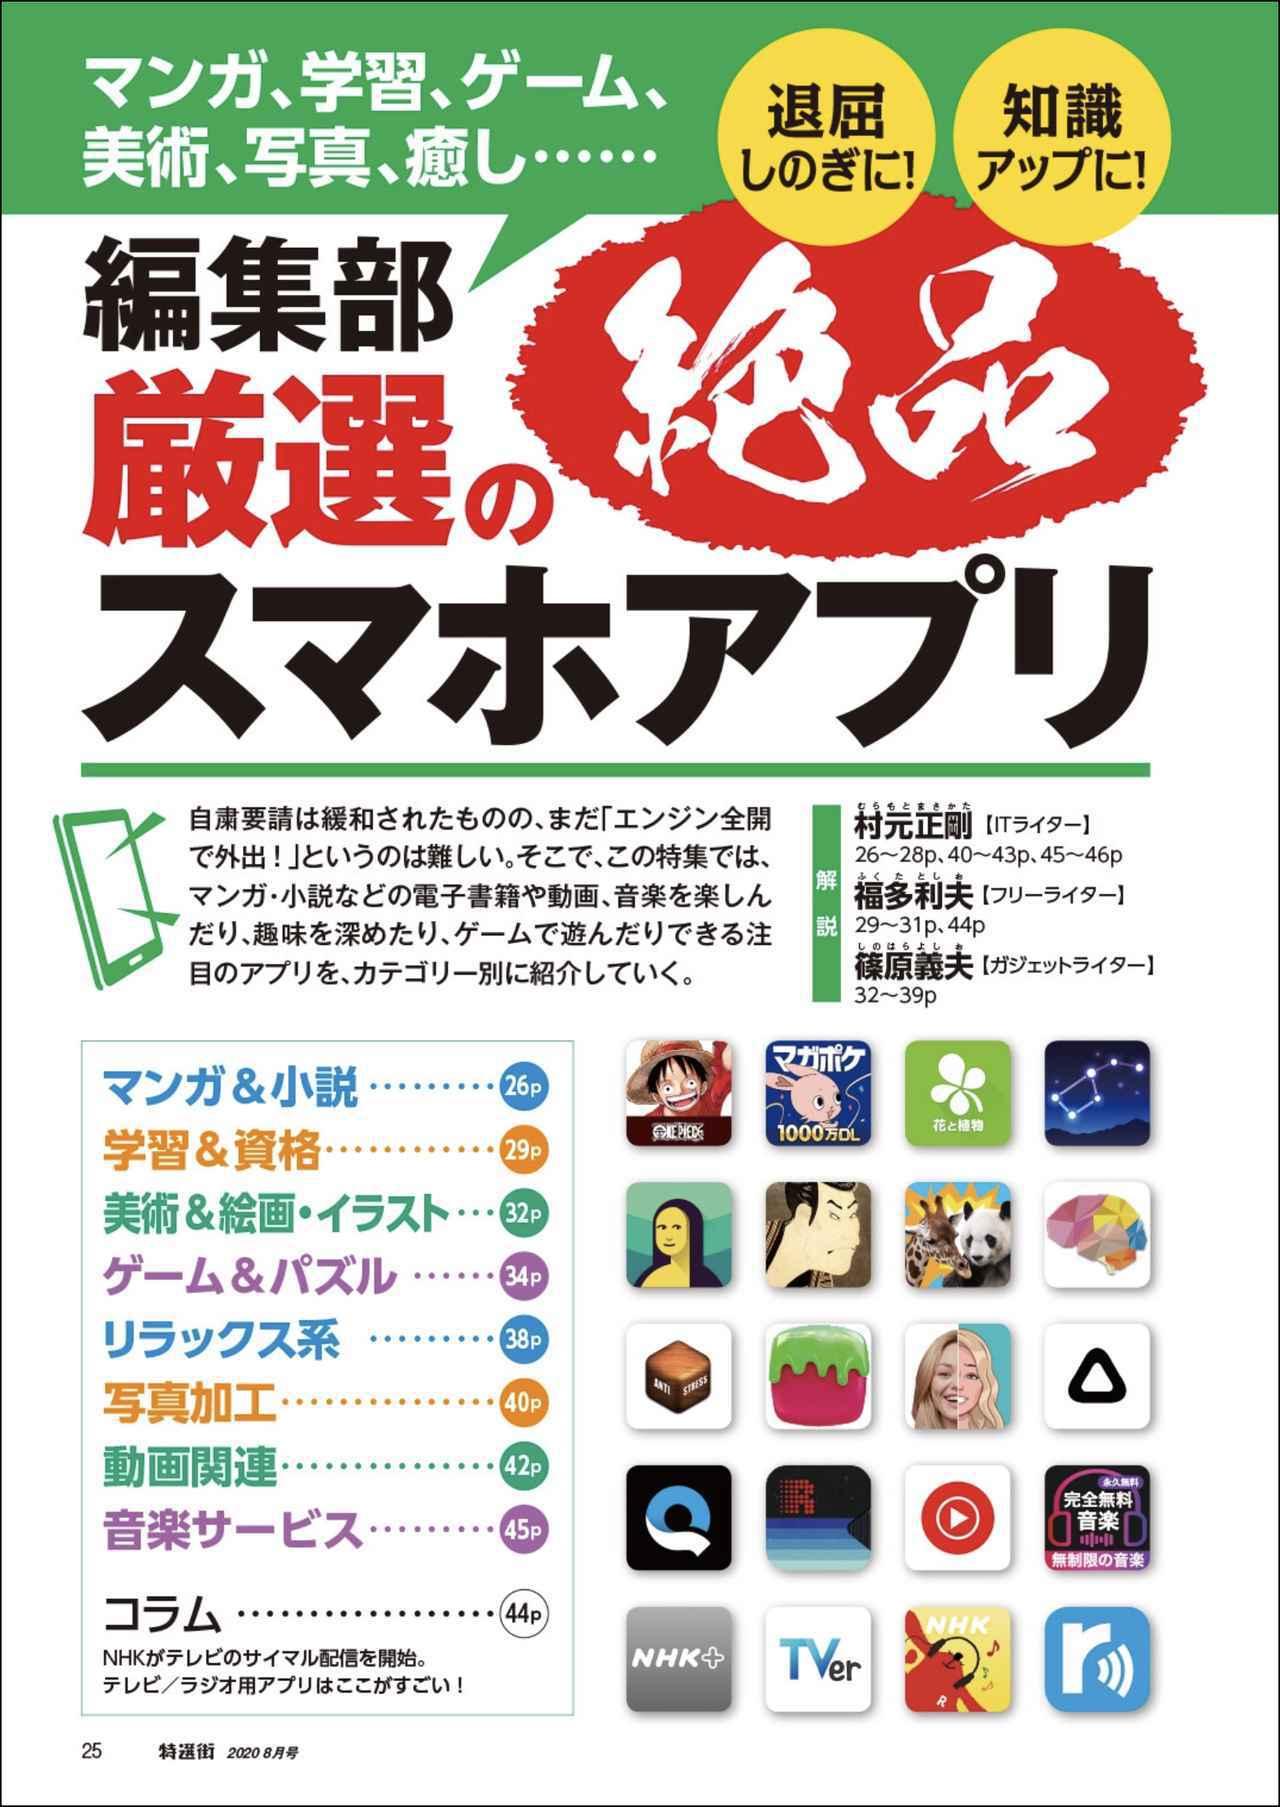 画像2: 【特選街8月号本日発売!】楽しく使える「スマホアプリ」、 「オンライン飲み&会議」入門、「安くていいモノ」大特集!